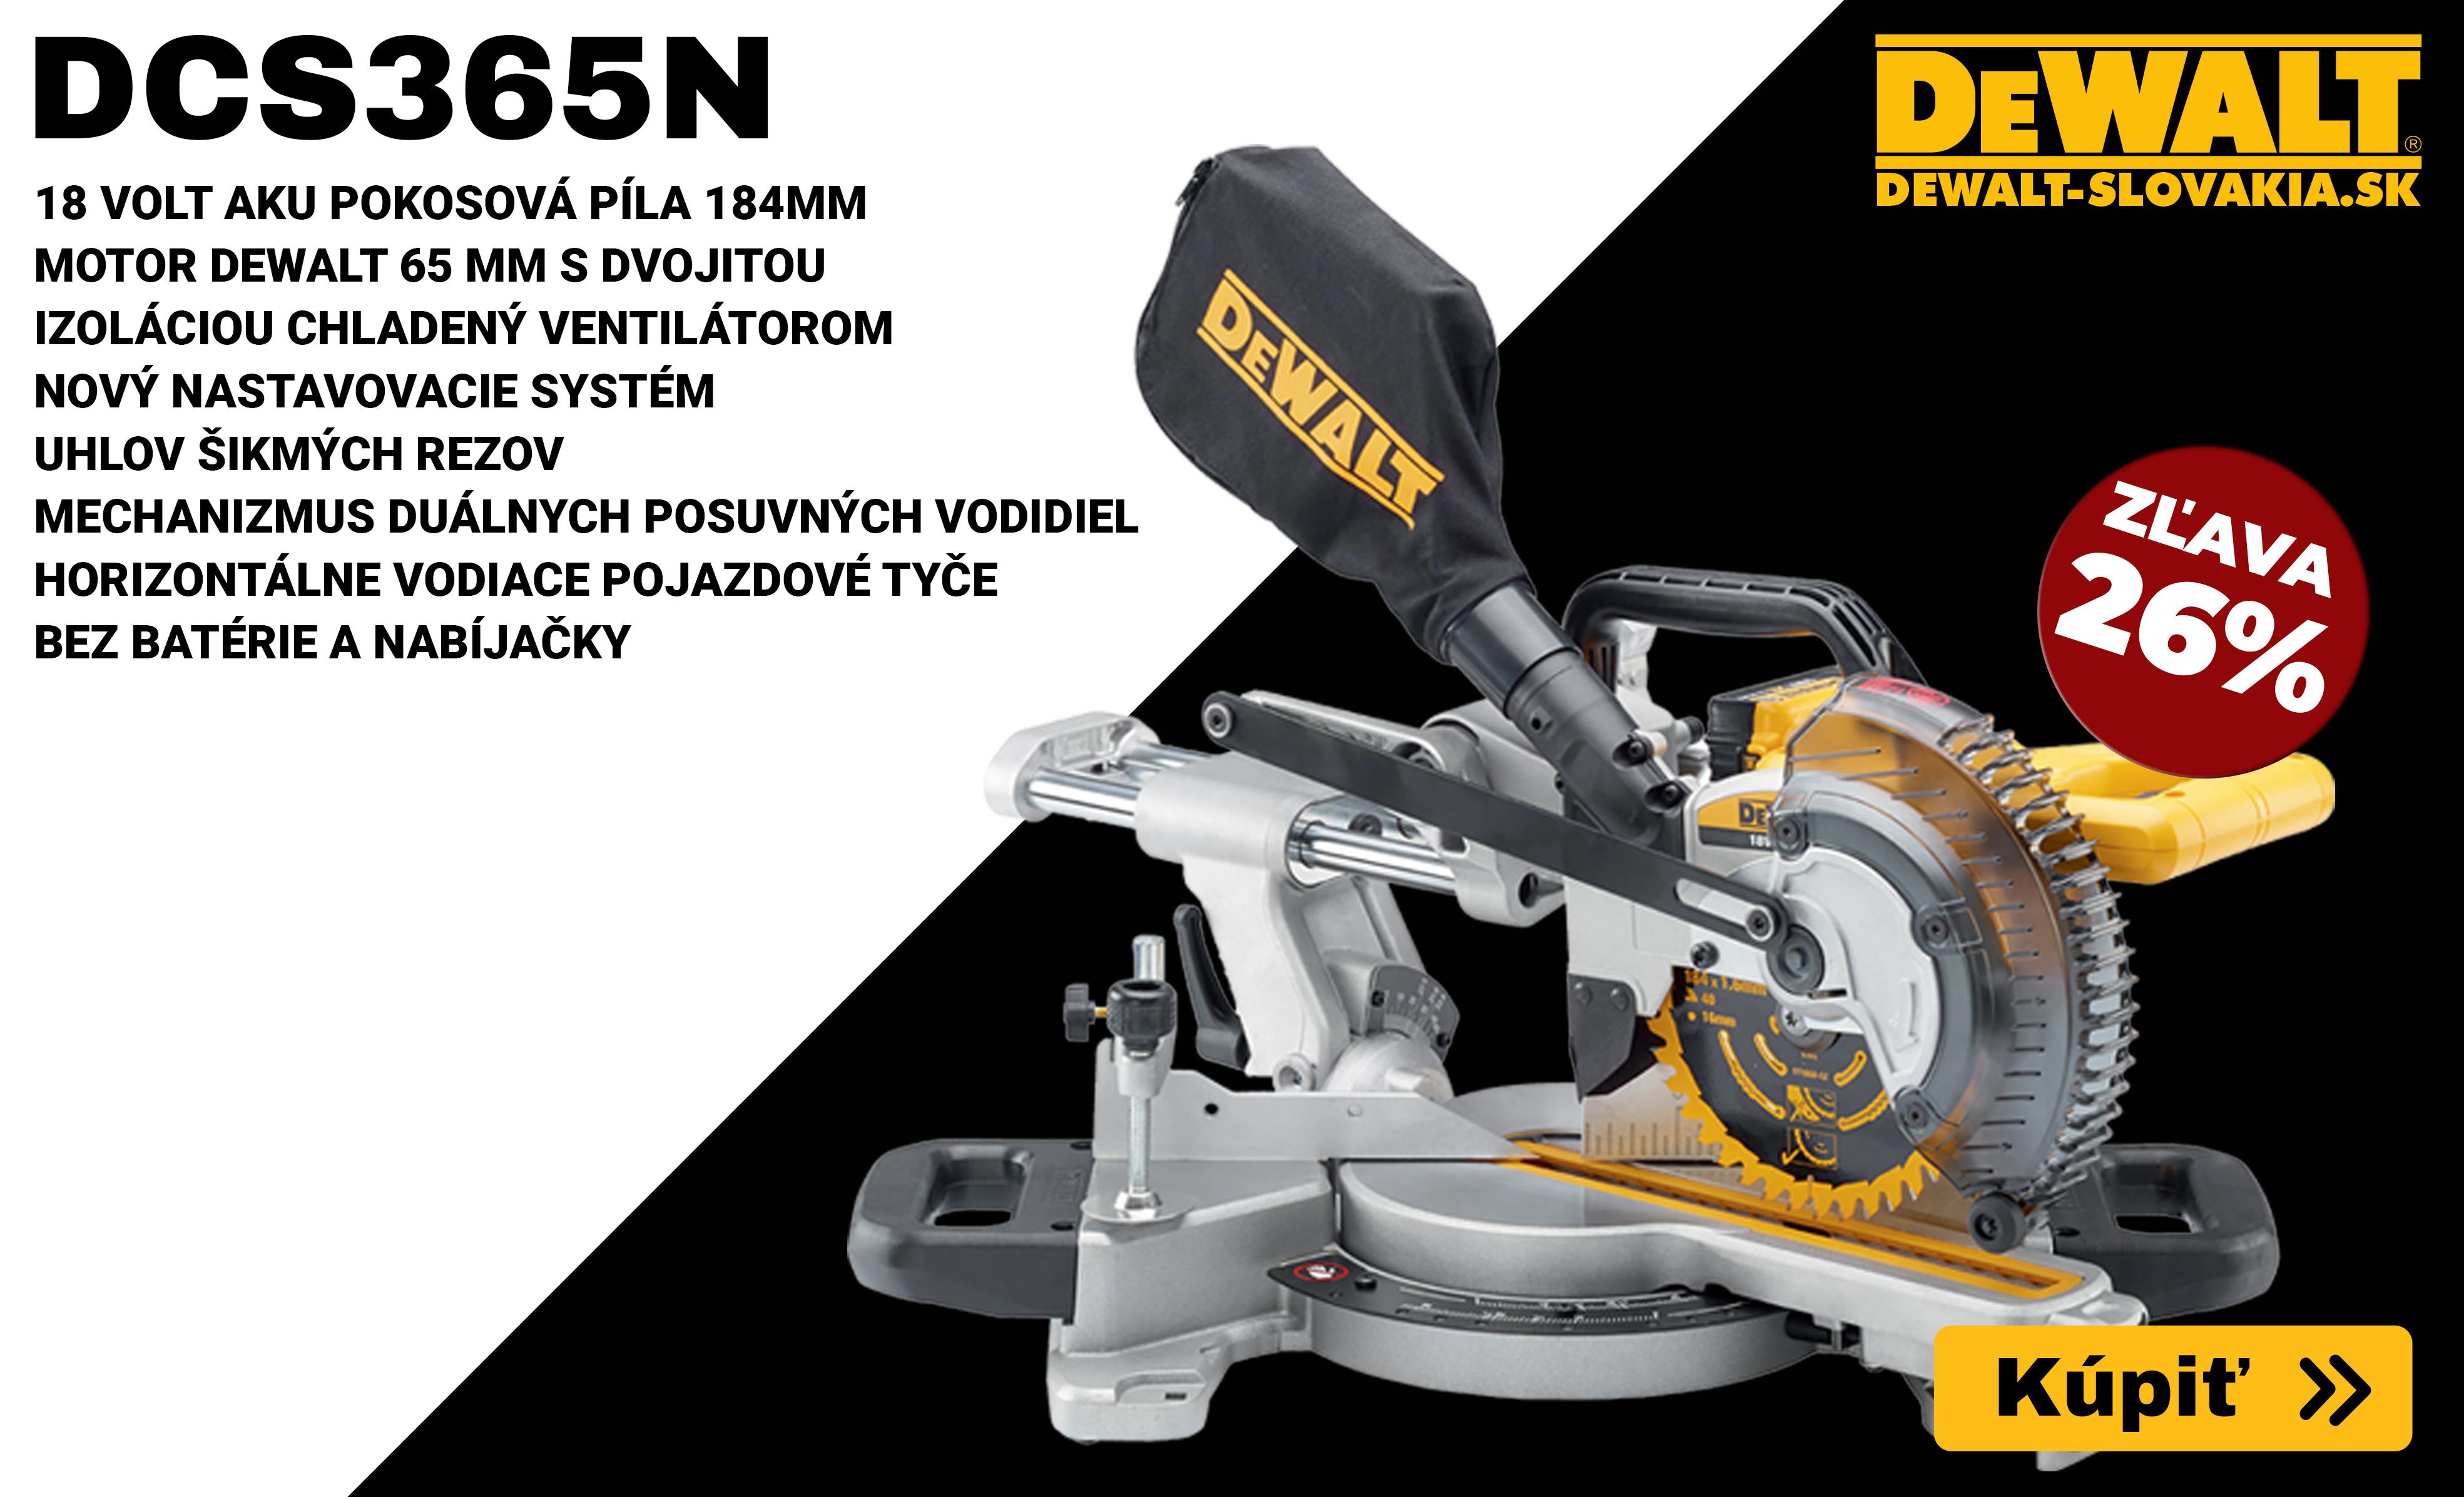 DCS365N